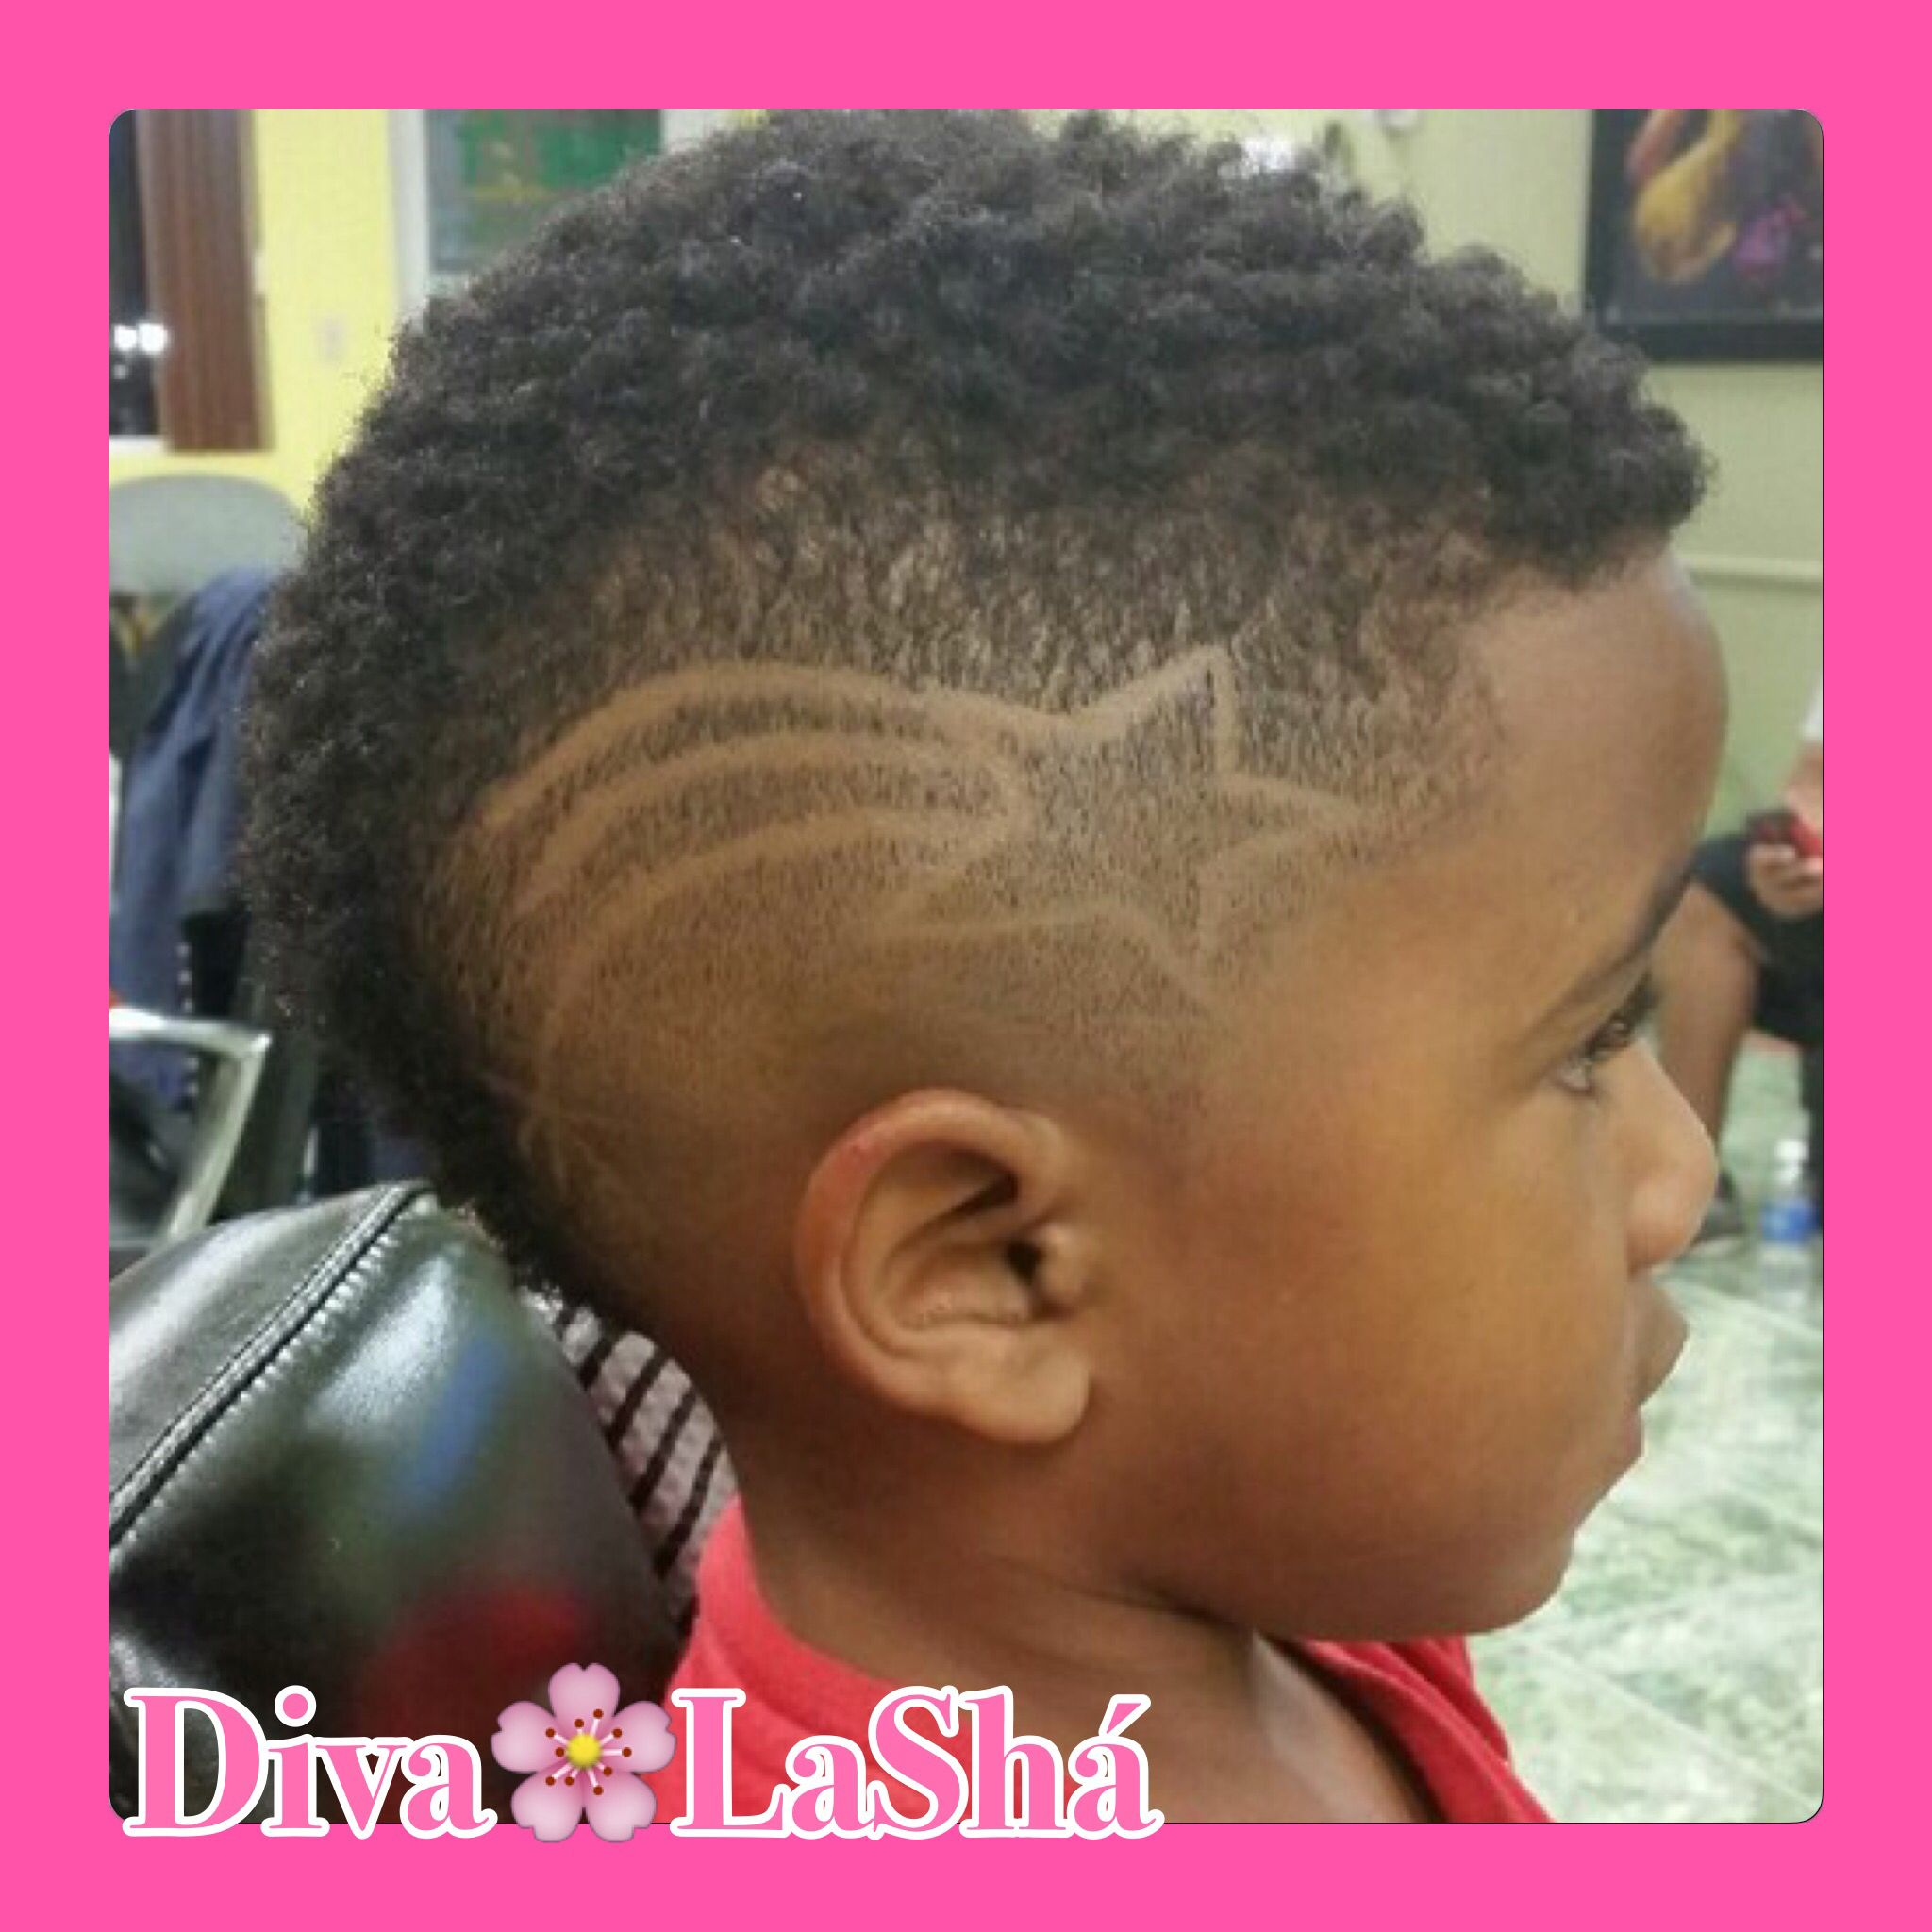 designs in mohawk haircut fade haircut